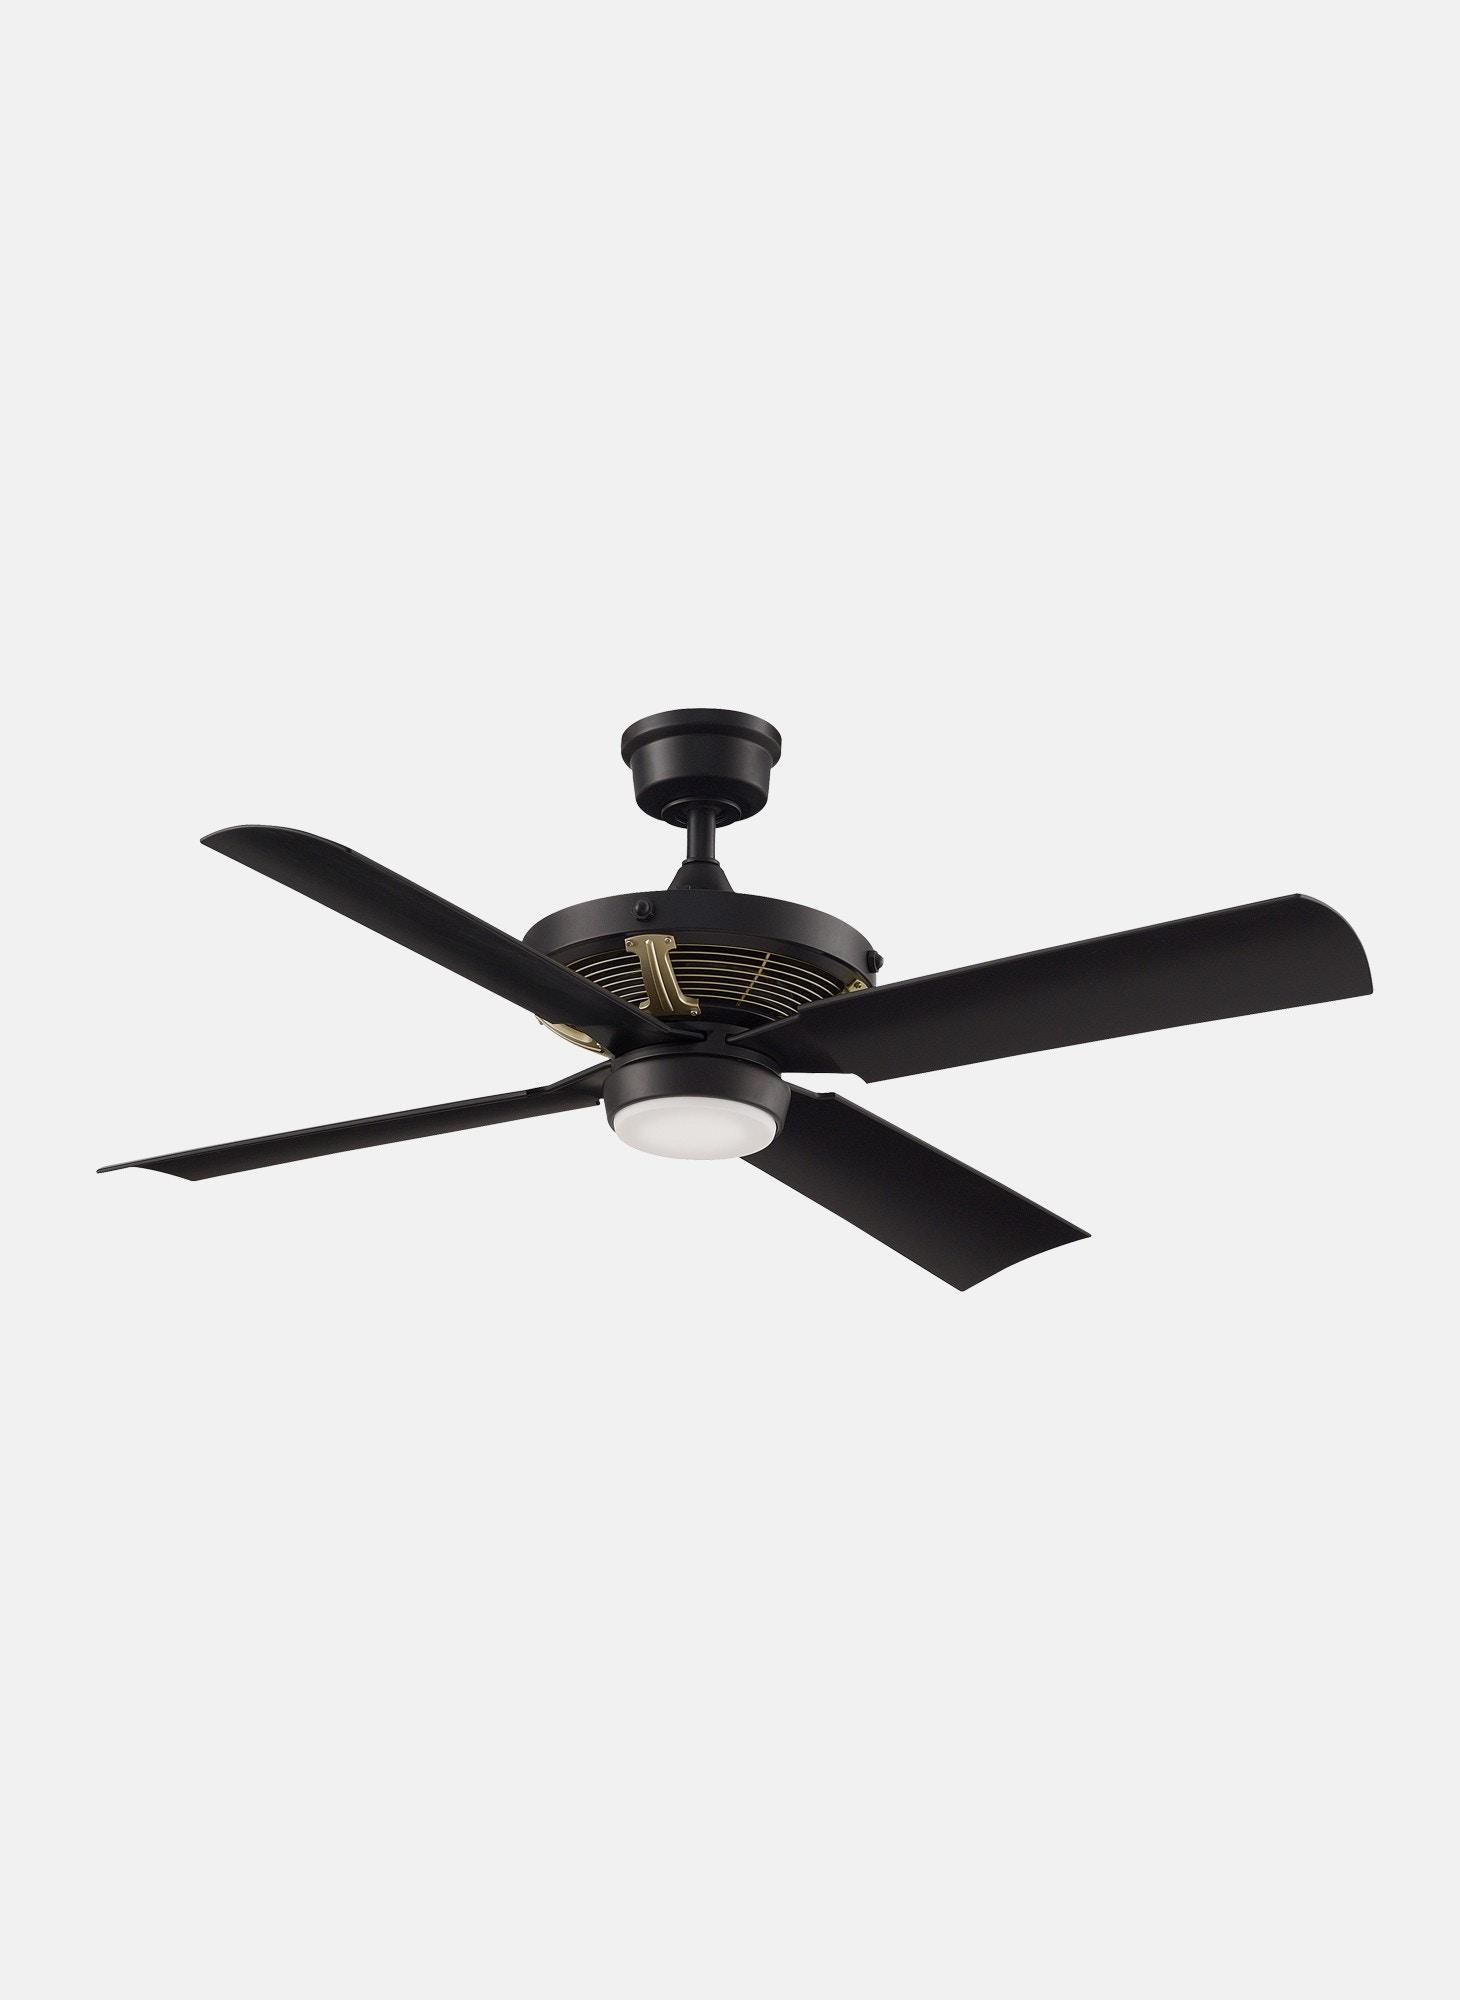 Light Almond Fanimation CW5LA Ceiling Fan Wall Control Fan Only No Light